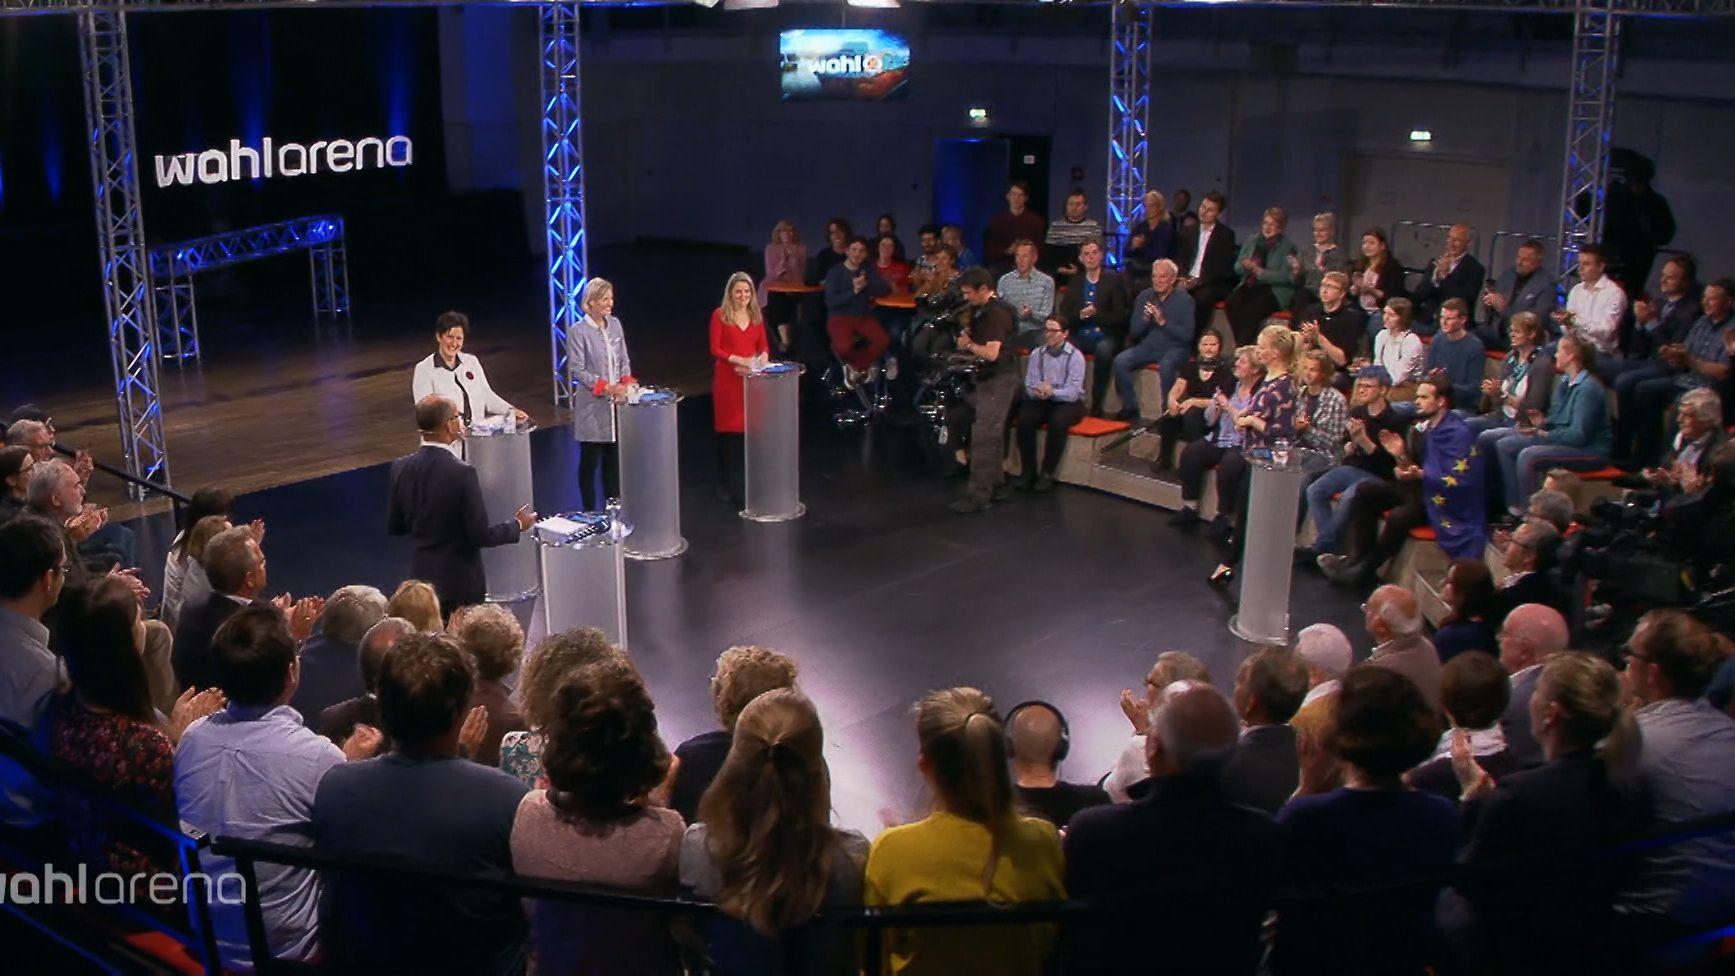 Kandidatinnen und Publikum in der Wahlarena